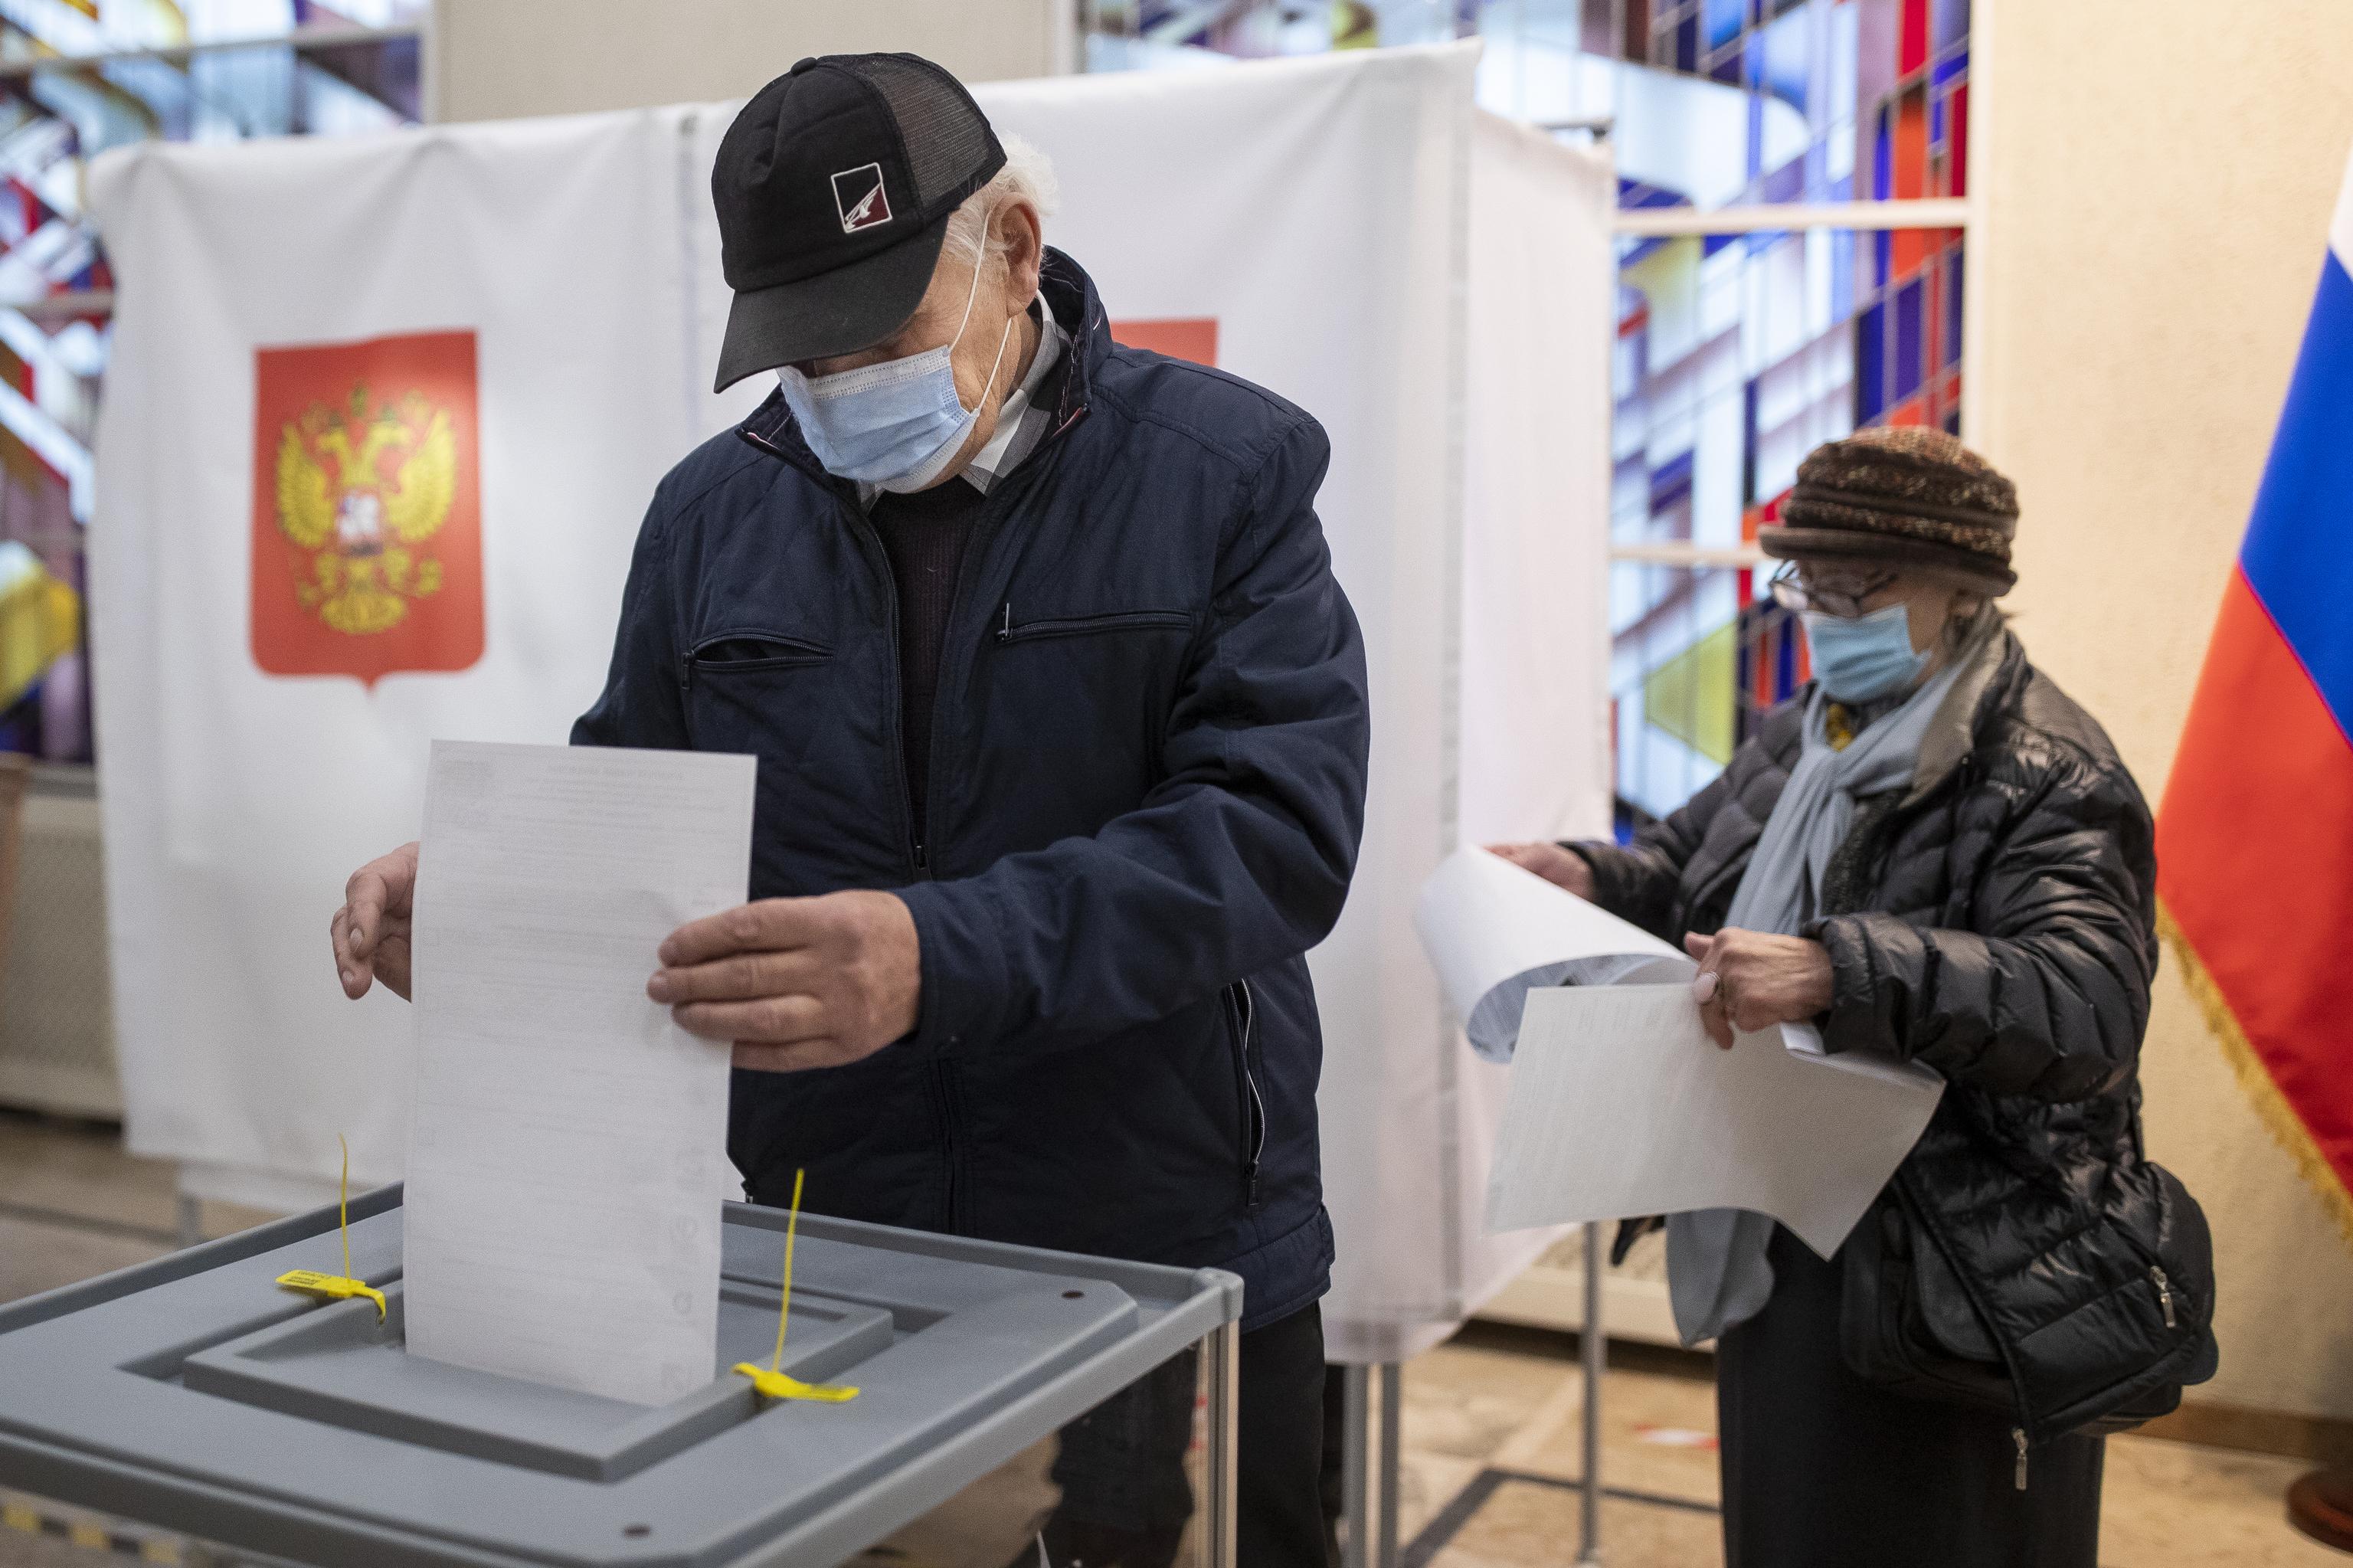 یک شهروند روسی در سفارت روسیه در لیتوانی رای می دهد.